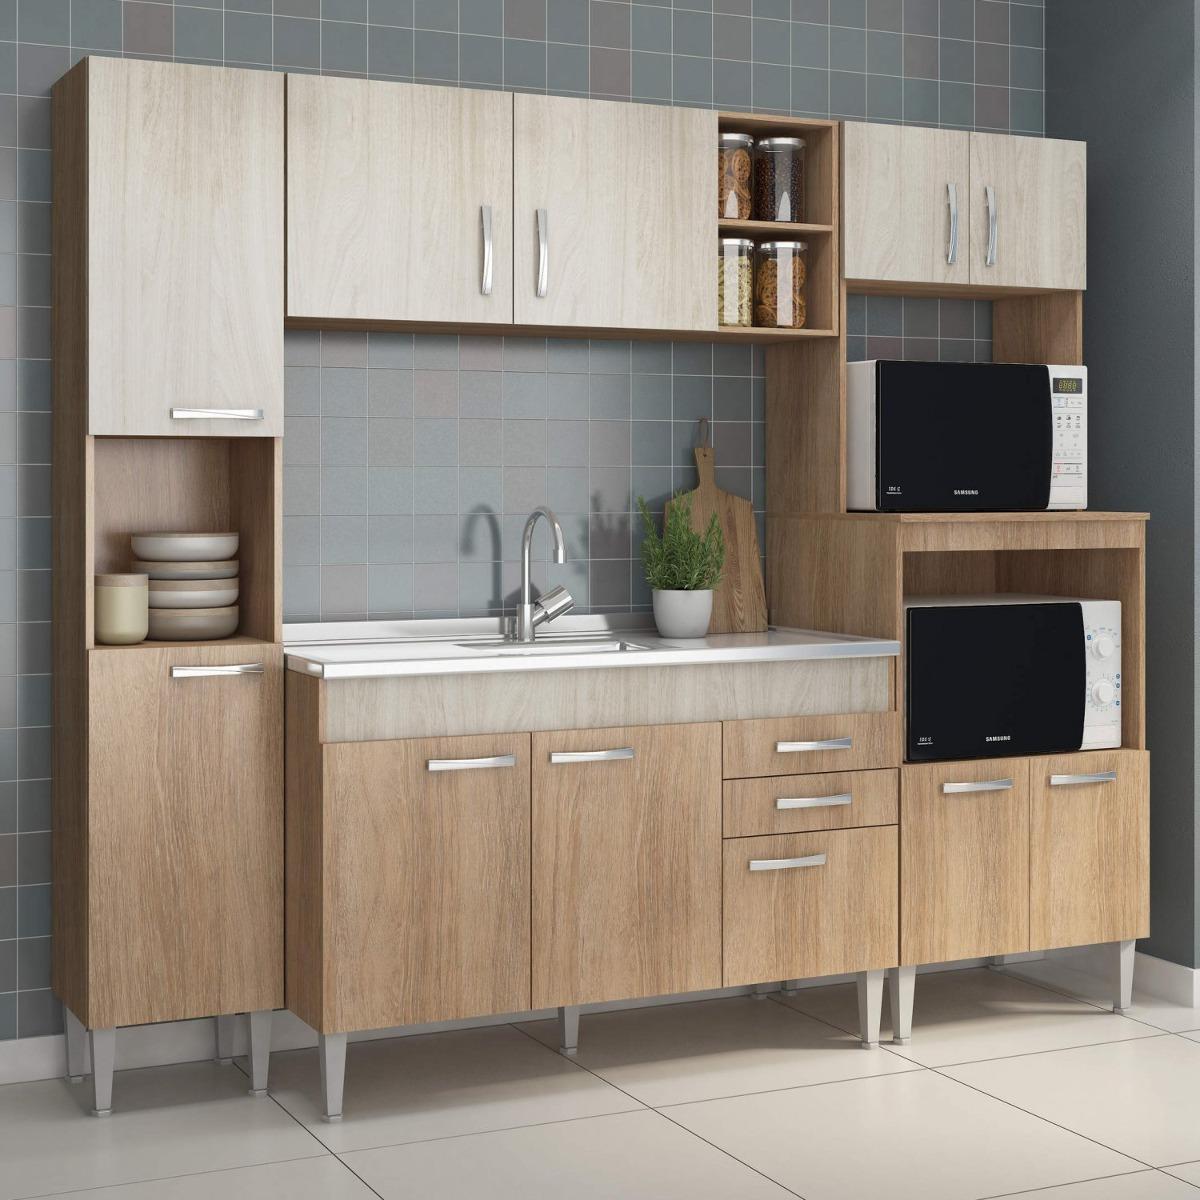 Cozinha Completa Com Balc O Sem Pia 4 Pe As 11 Be R 779 90 Em